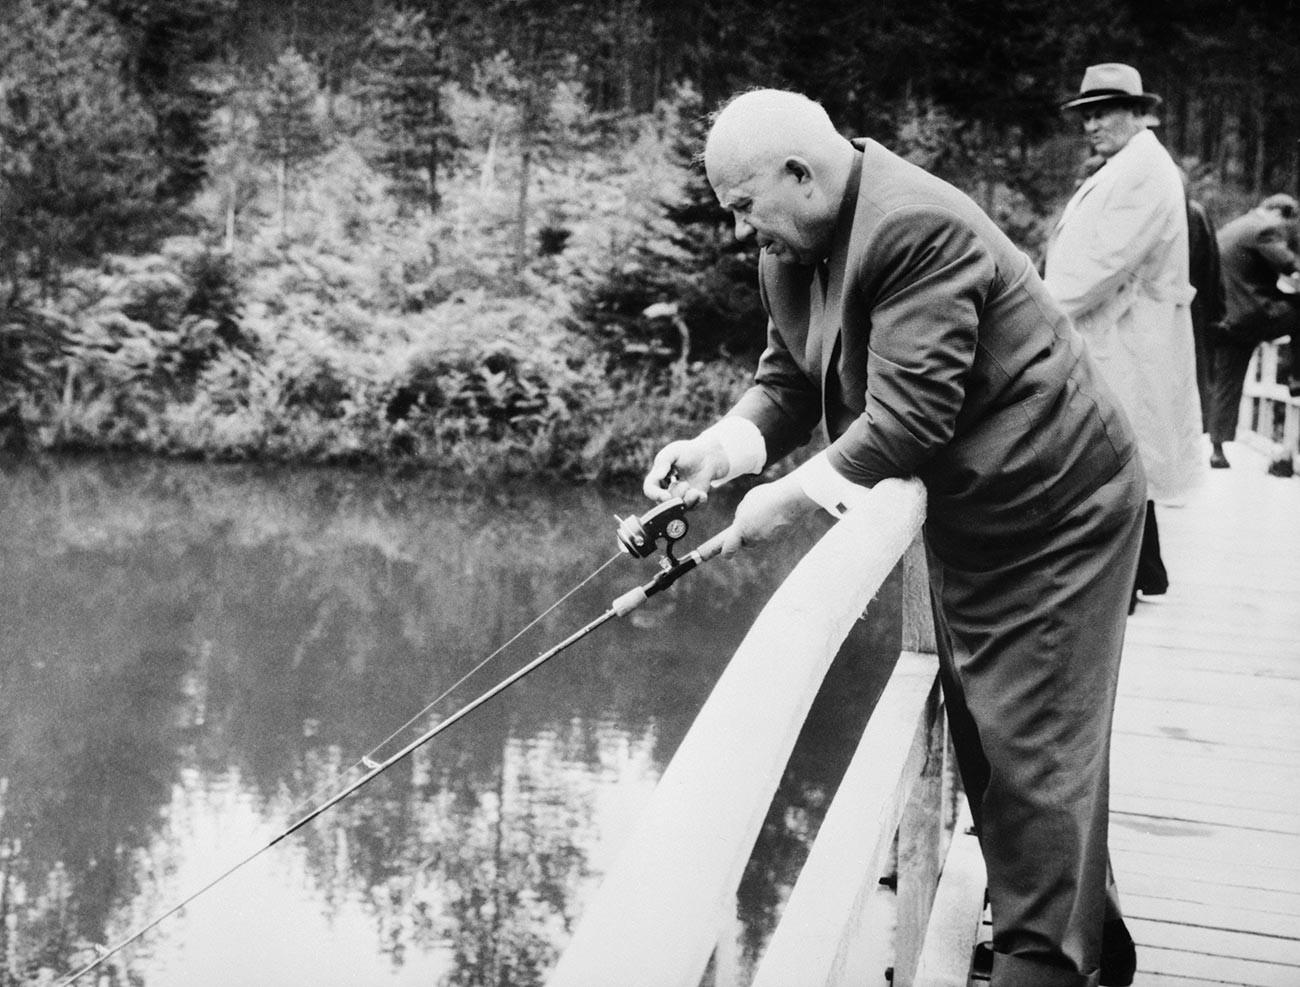 Дубока концентрација. Никита Хрушчов на пецању током 15-дневне посете Југославији. Пре тога је на конференцији за новинаре рекао да су Русија и Југославија отклониле све несугласице и удружиле се у борби против капитализма.